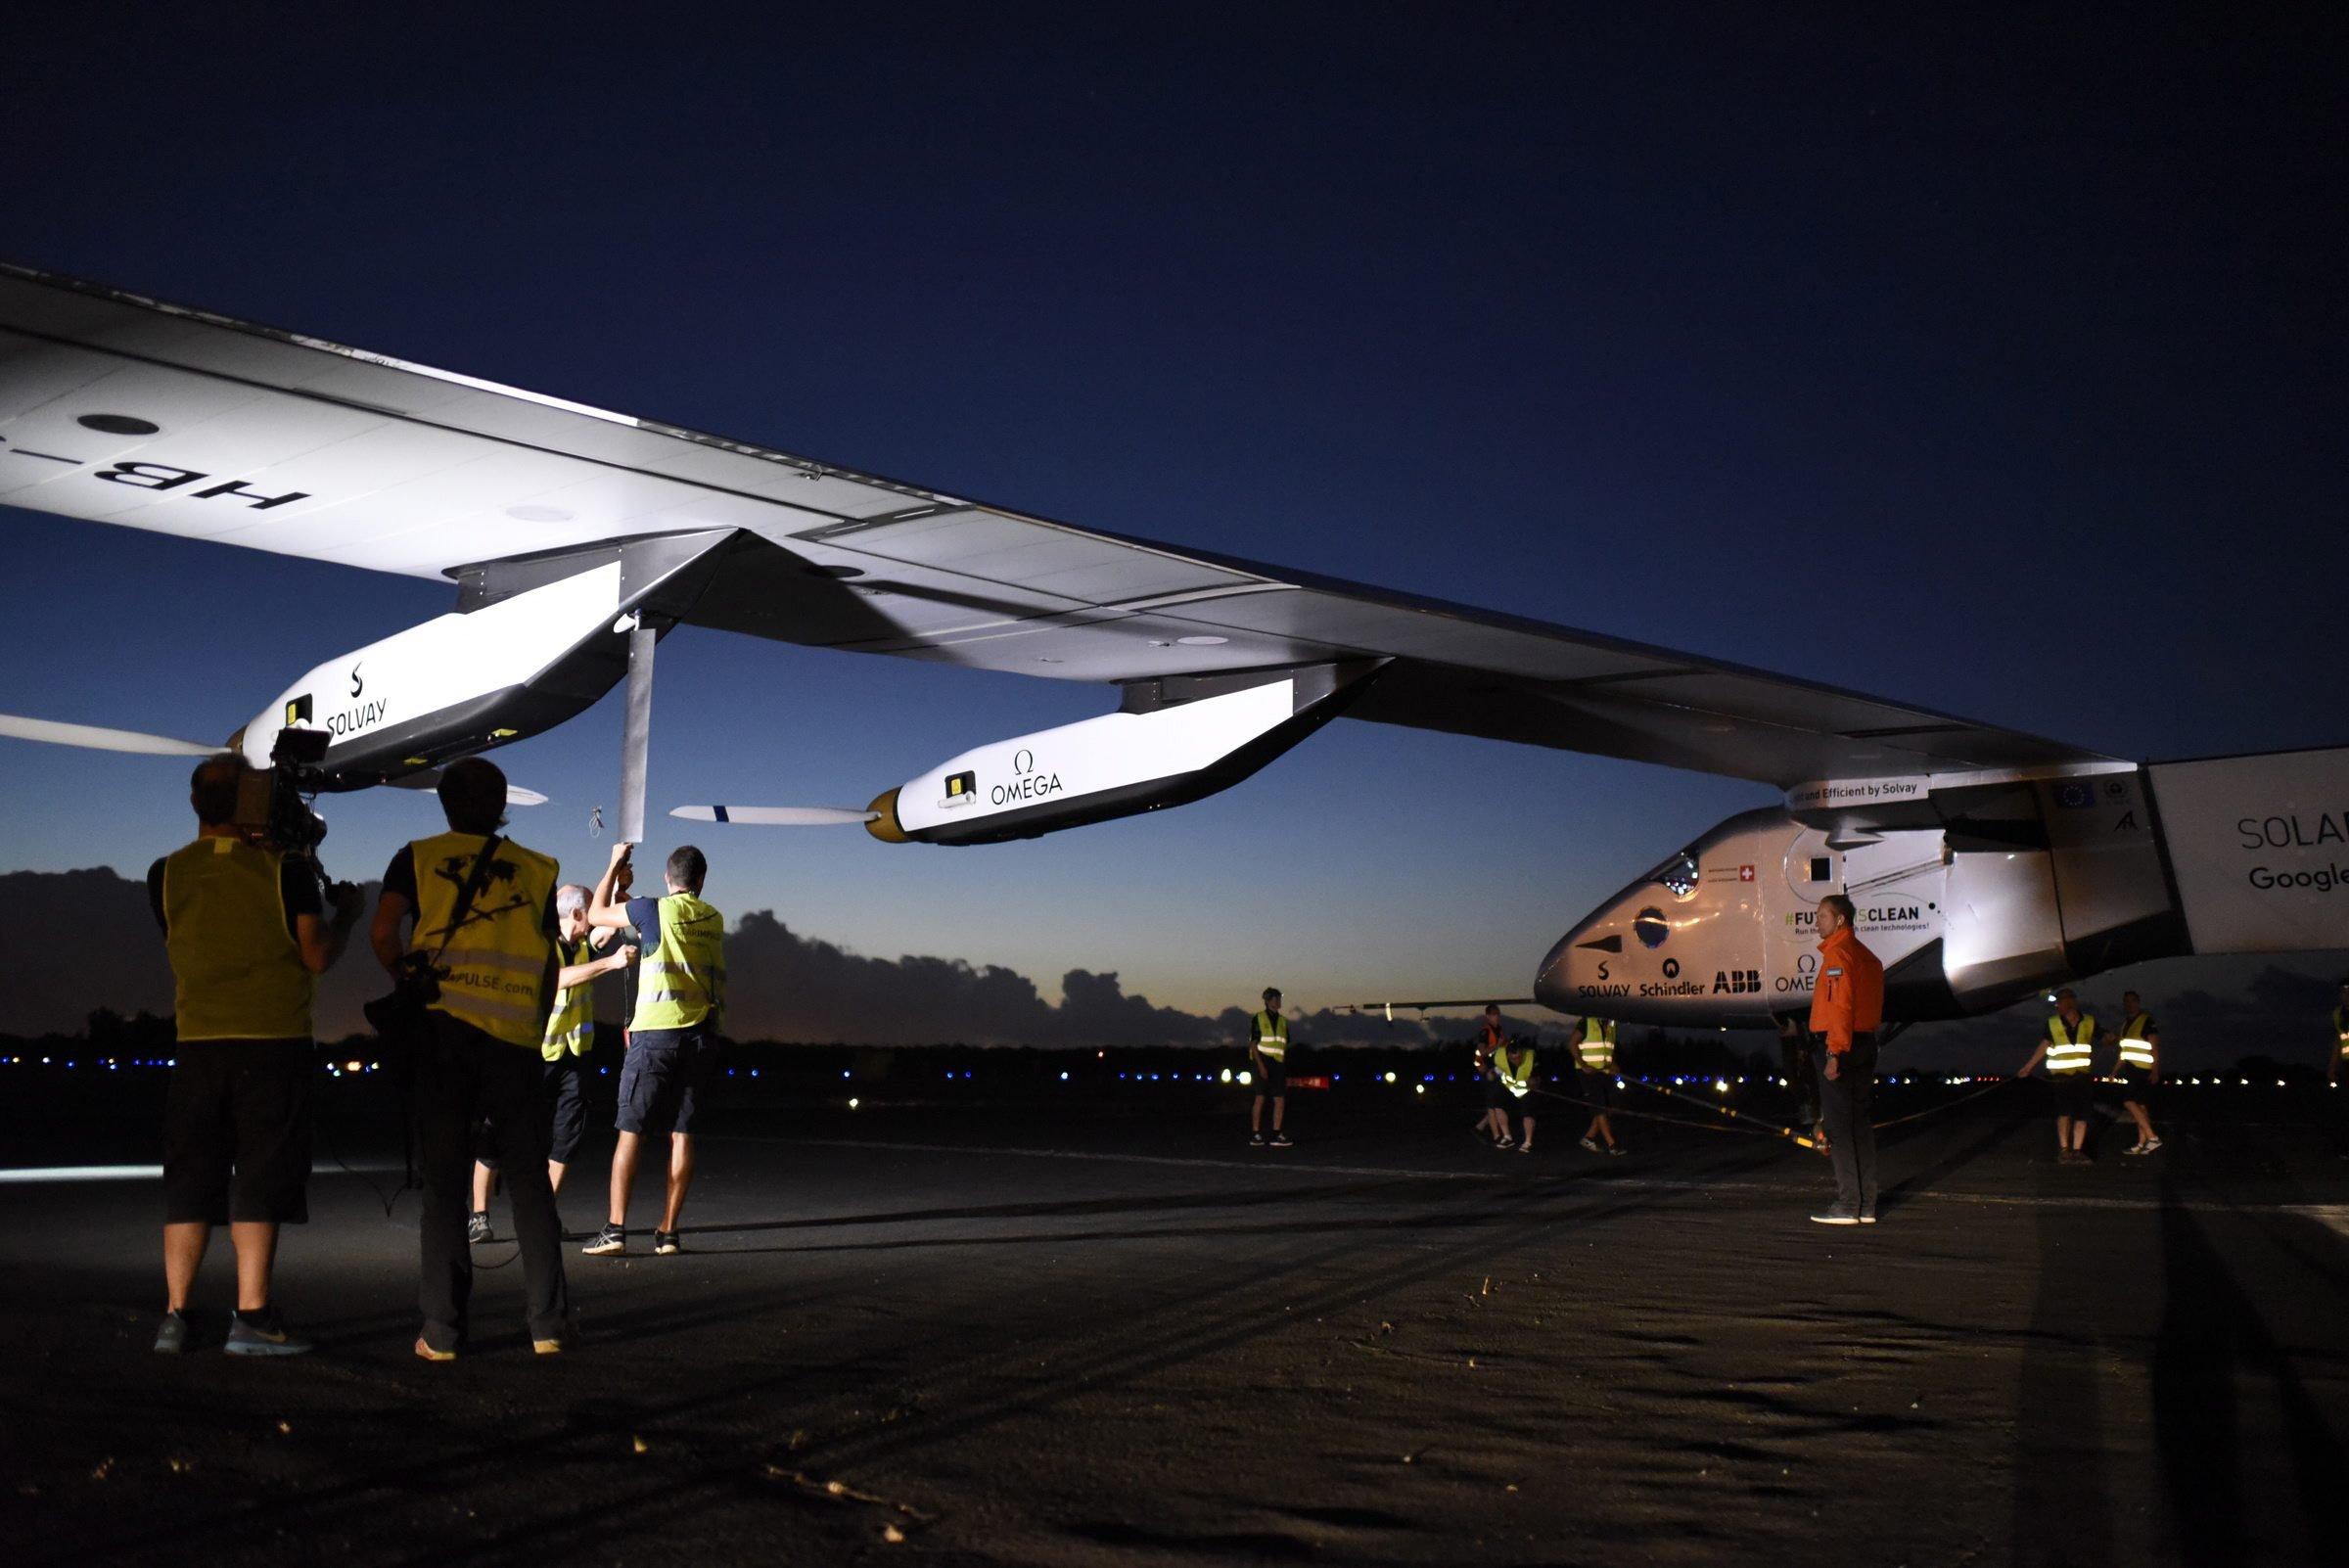 Der Solarflieger Solar Impulse 2 auf dem Flughafen in Hawaii kurz vor der Wiederaufnahme der Weltumrundung